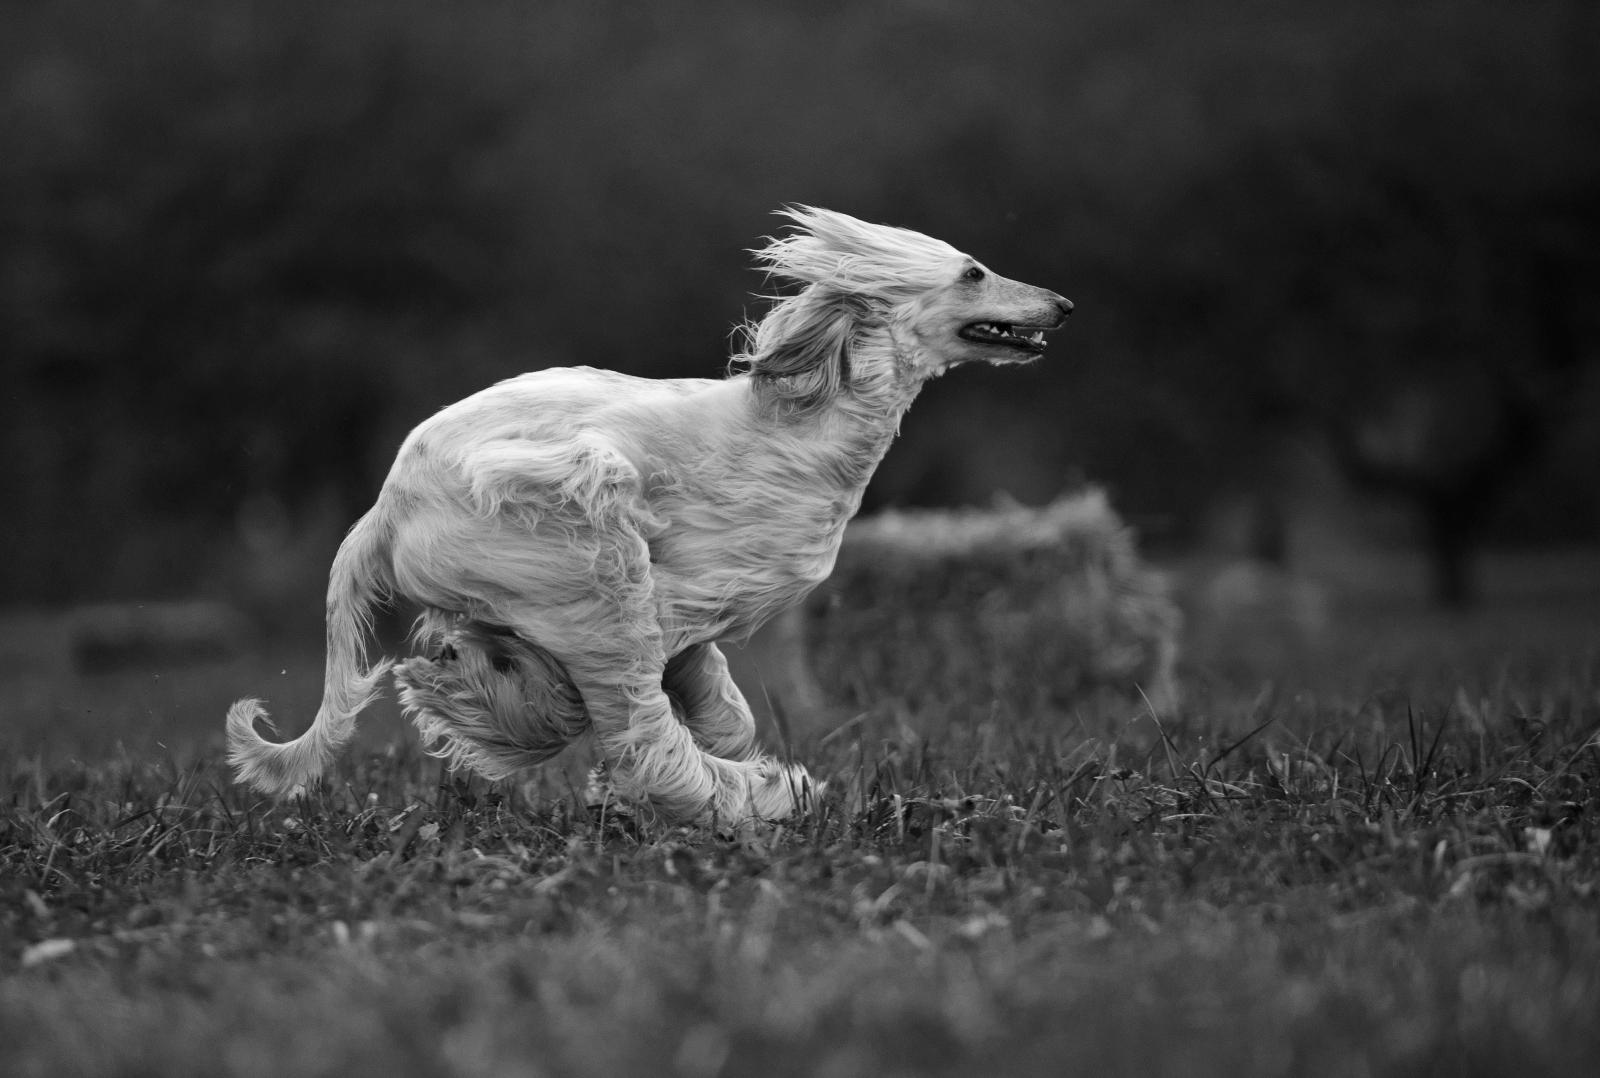 Predstavitev knjige Katje Krk, ogled Velenjskega gradu s pasjimi prijatelji in fotografska delavnica s Ksenijo Mikor